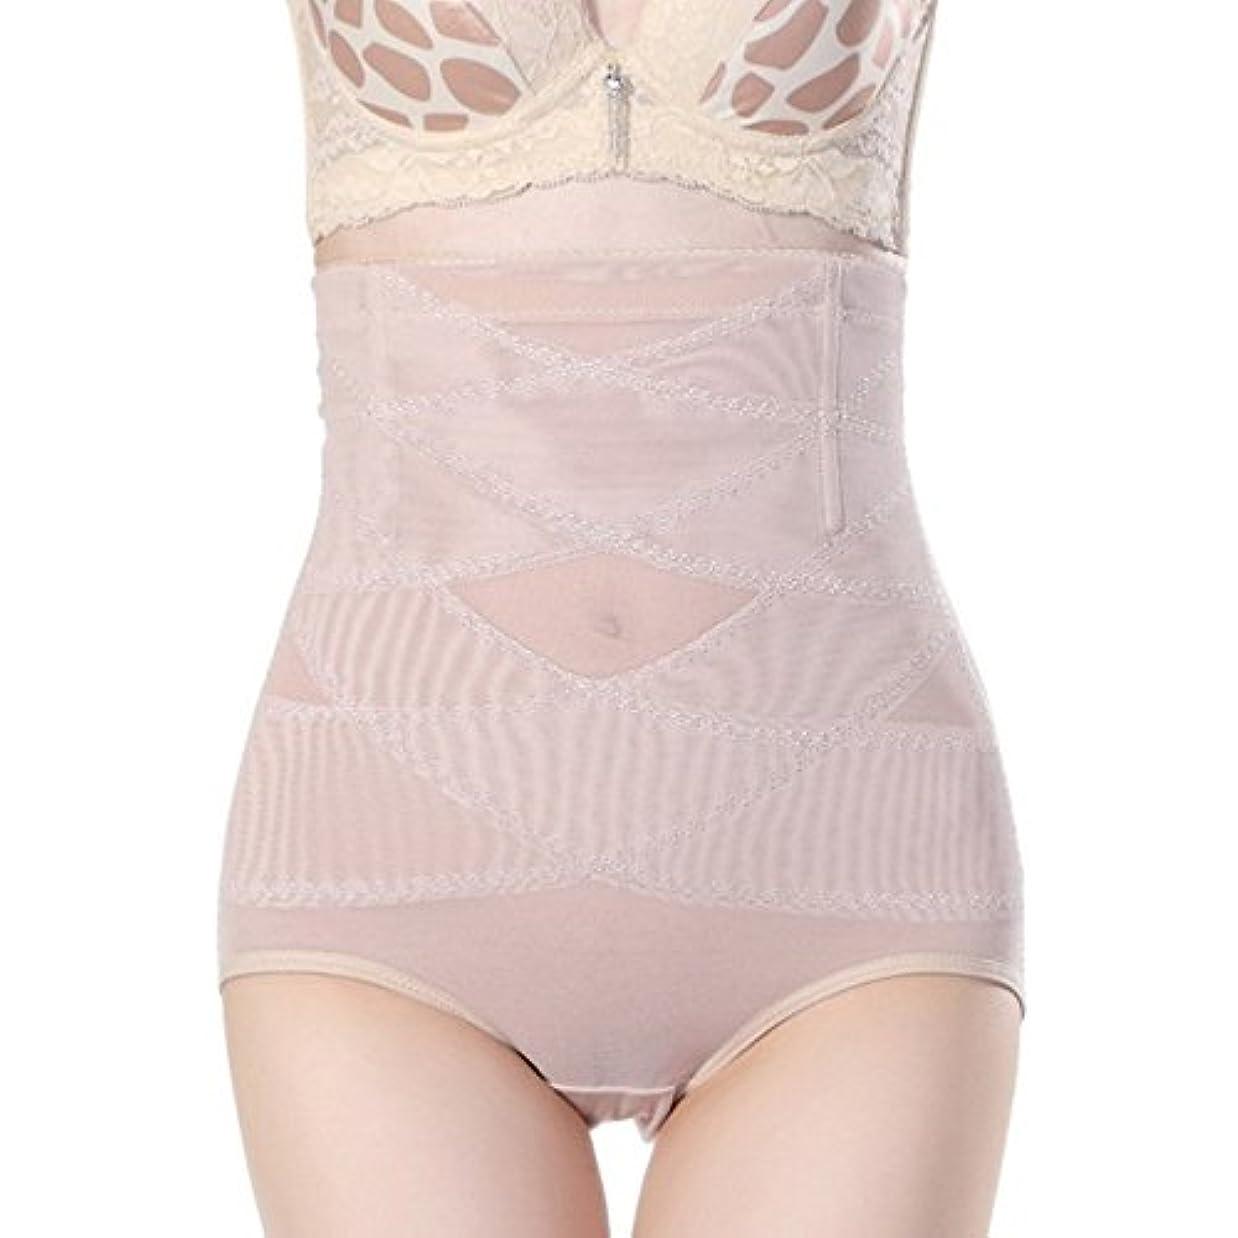 レモン城足首腹部制御下着シームレスおなかコントロールパンティーバットリフターボディシェイパーを痩身通気性のハイウエストの女性 - 肌色M